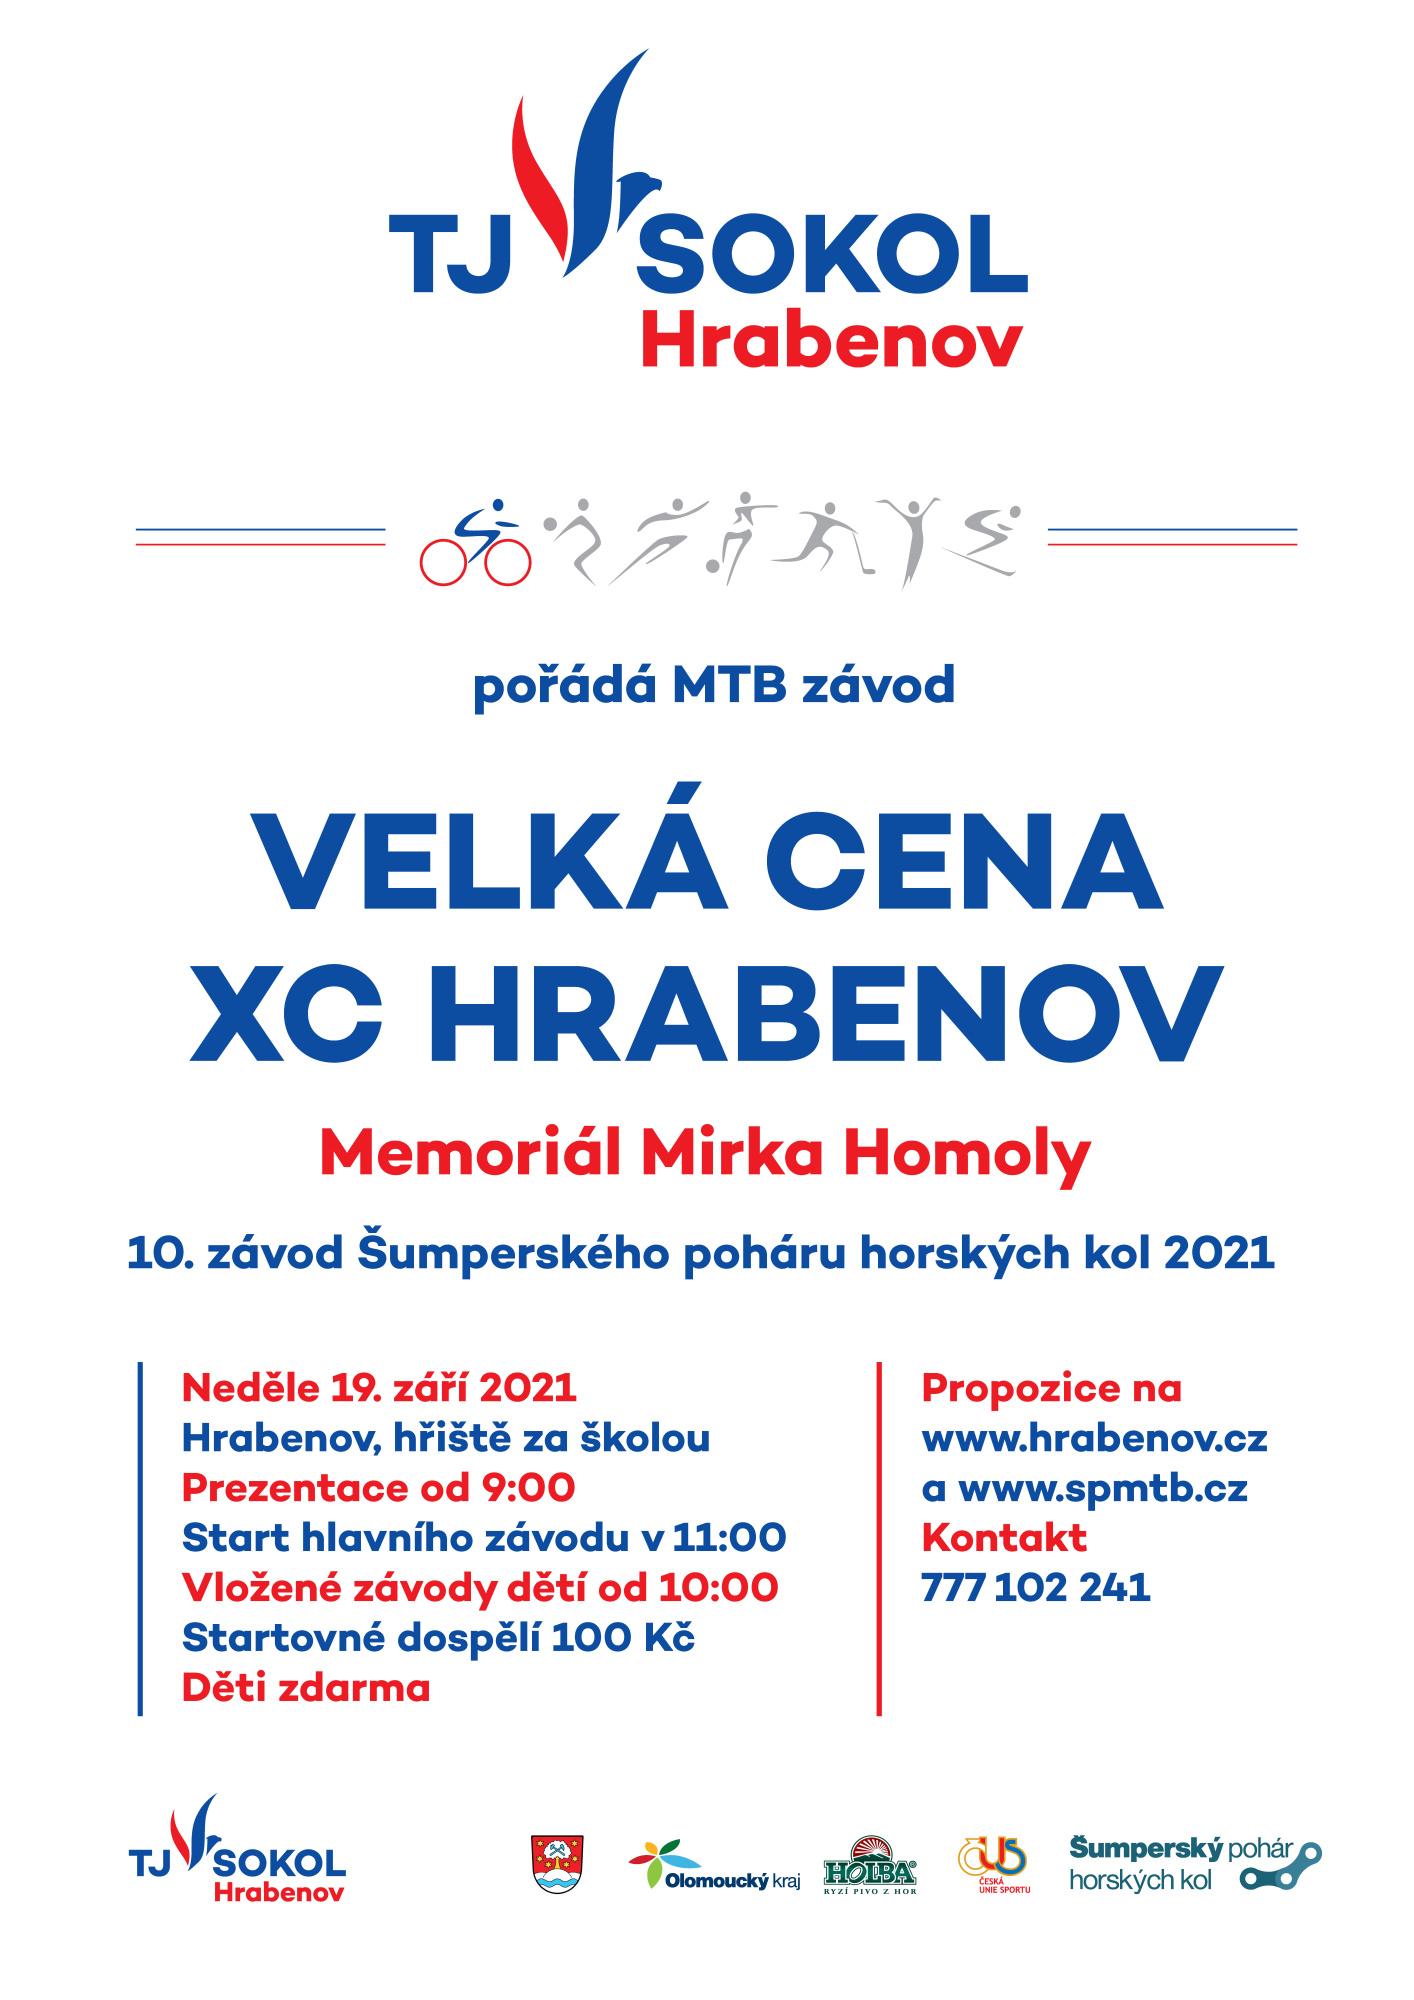 VC XC Hrabenov se jede v neděli 19. září